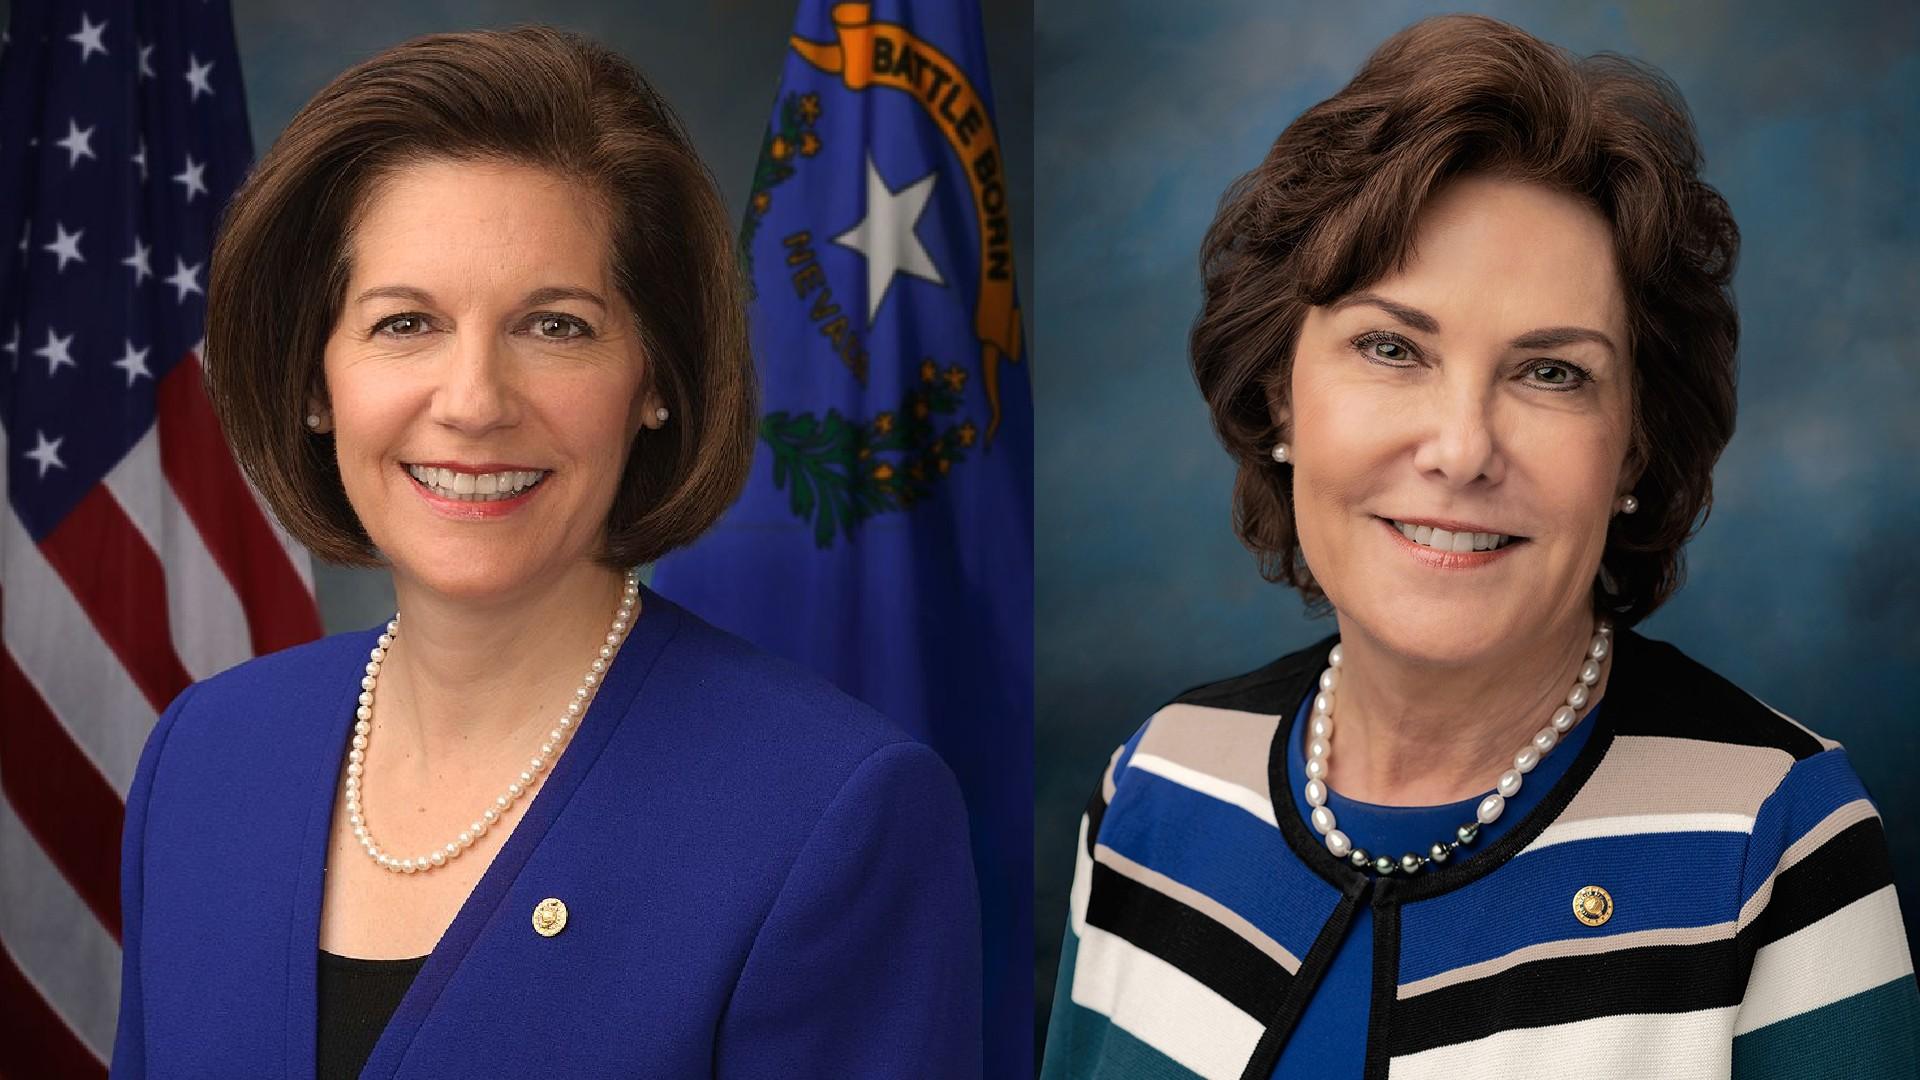 U.S. Senators Catherine Cortez Masto and Jacky Rosen.